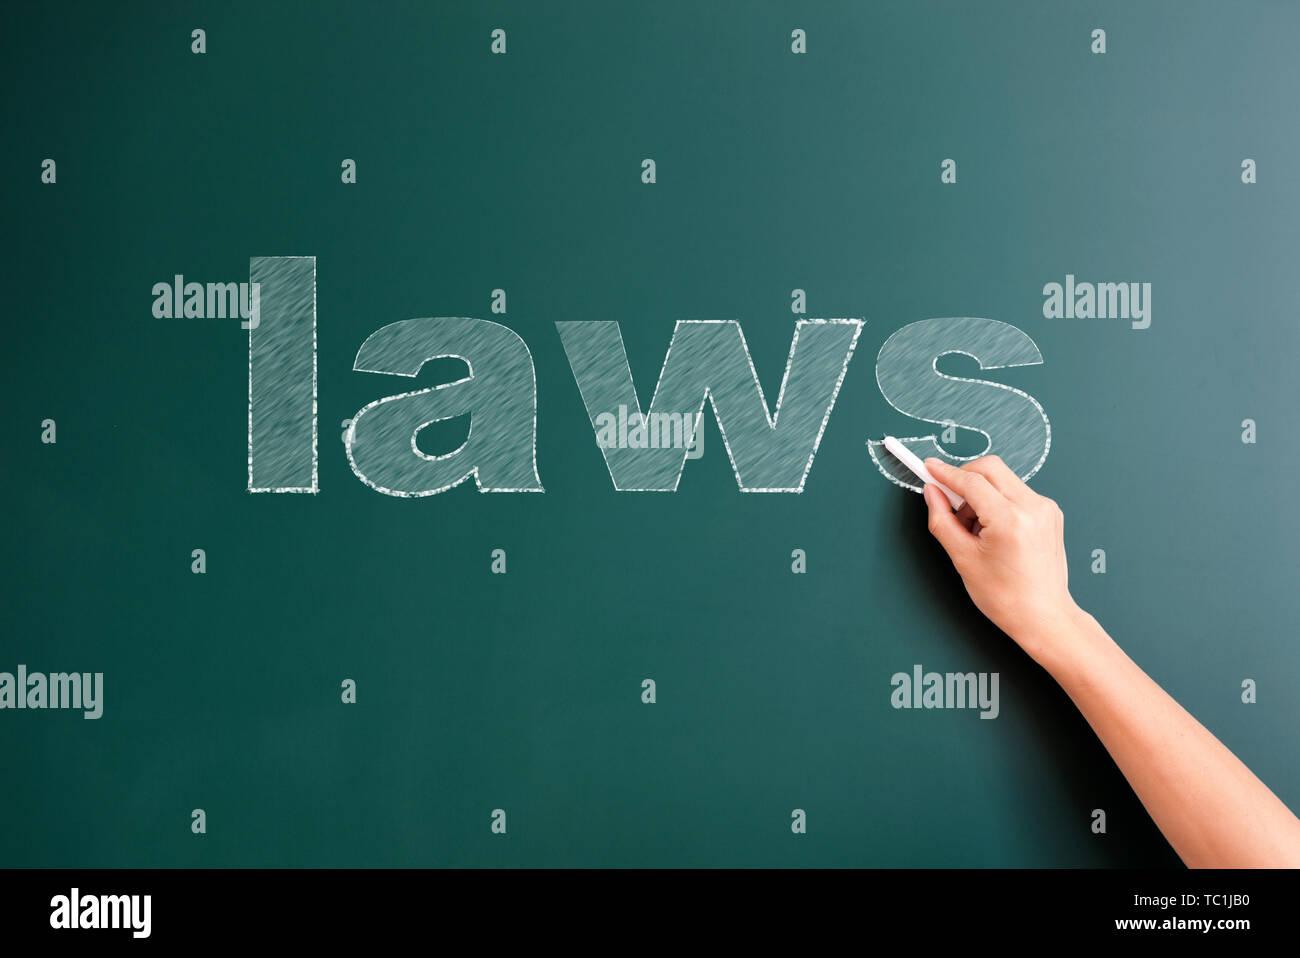 laws written on blackboard - Stock Image